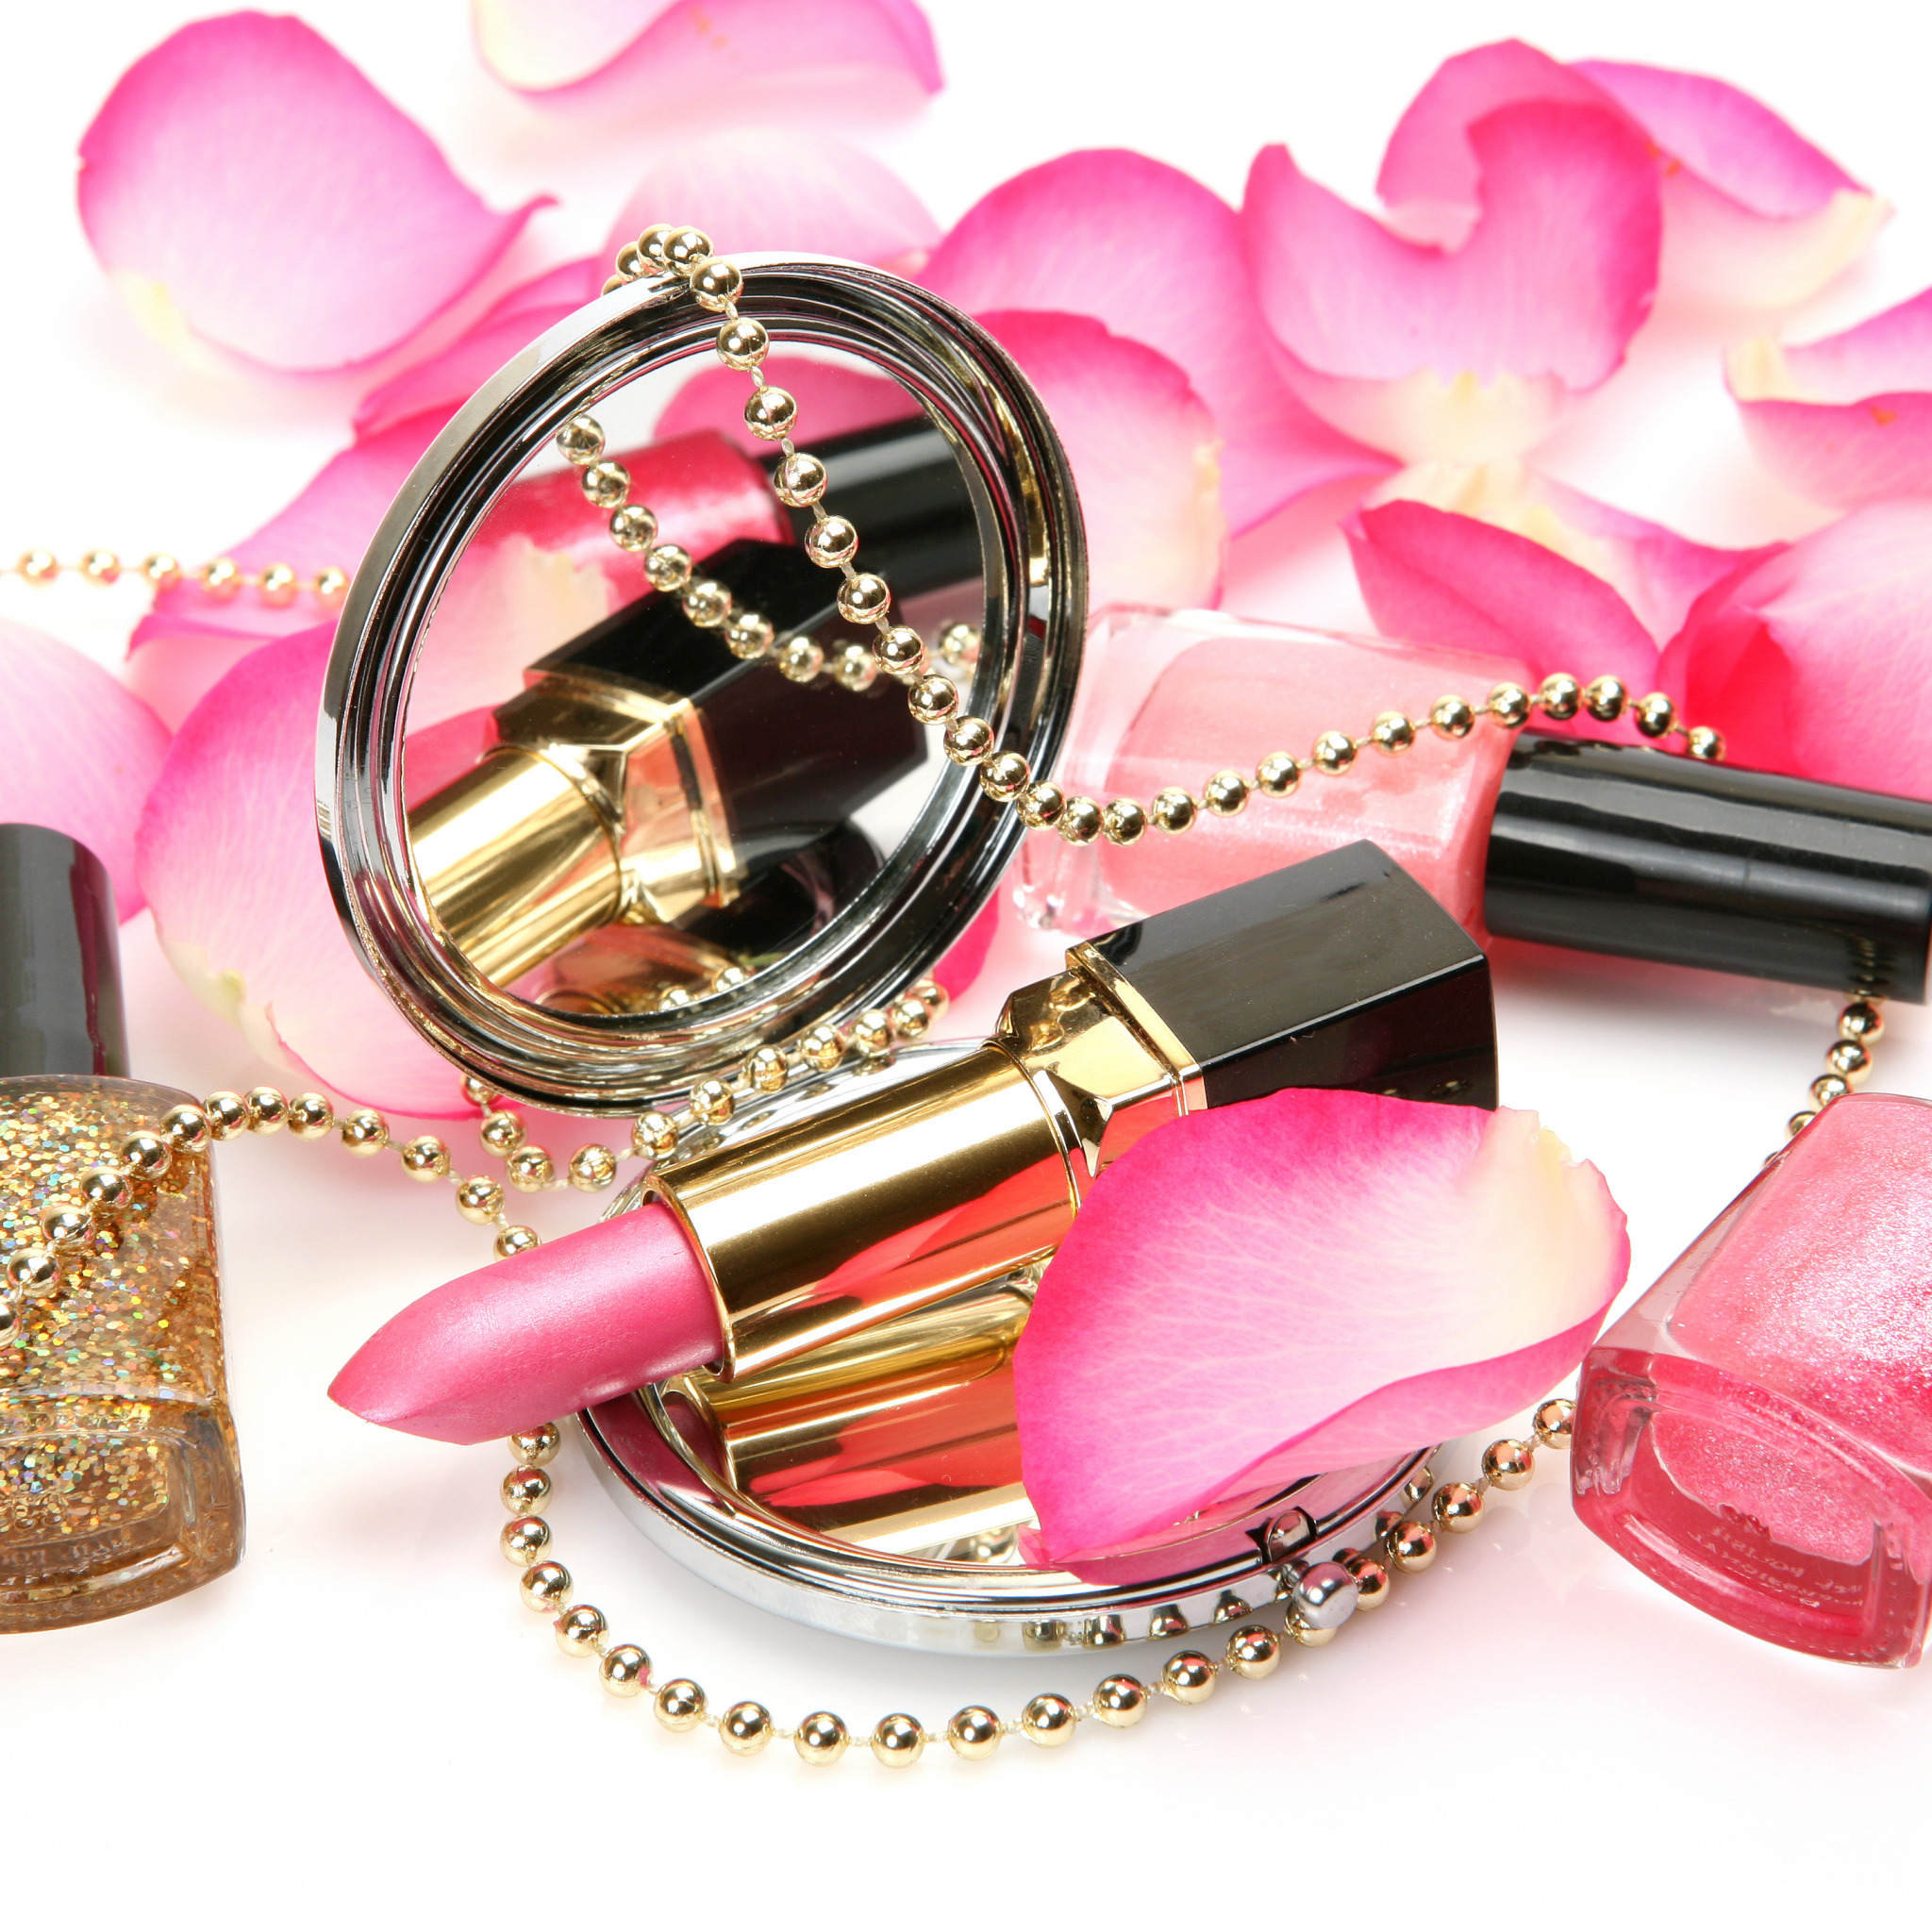 Картинки парфюмерия косметика